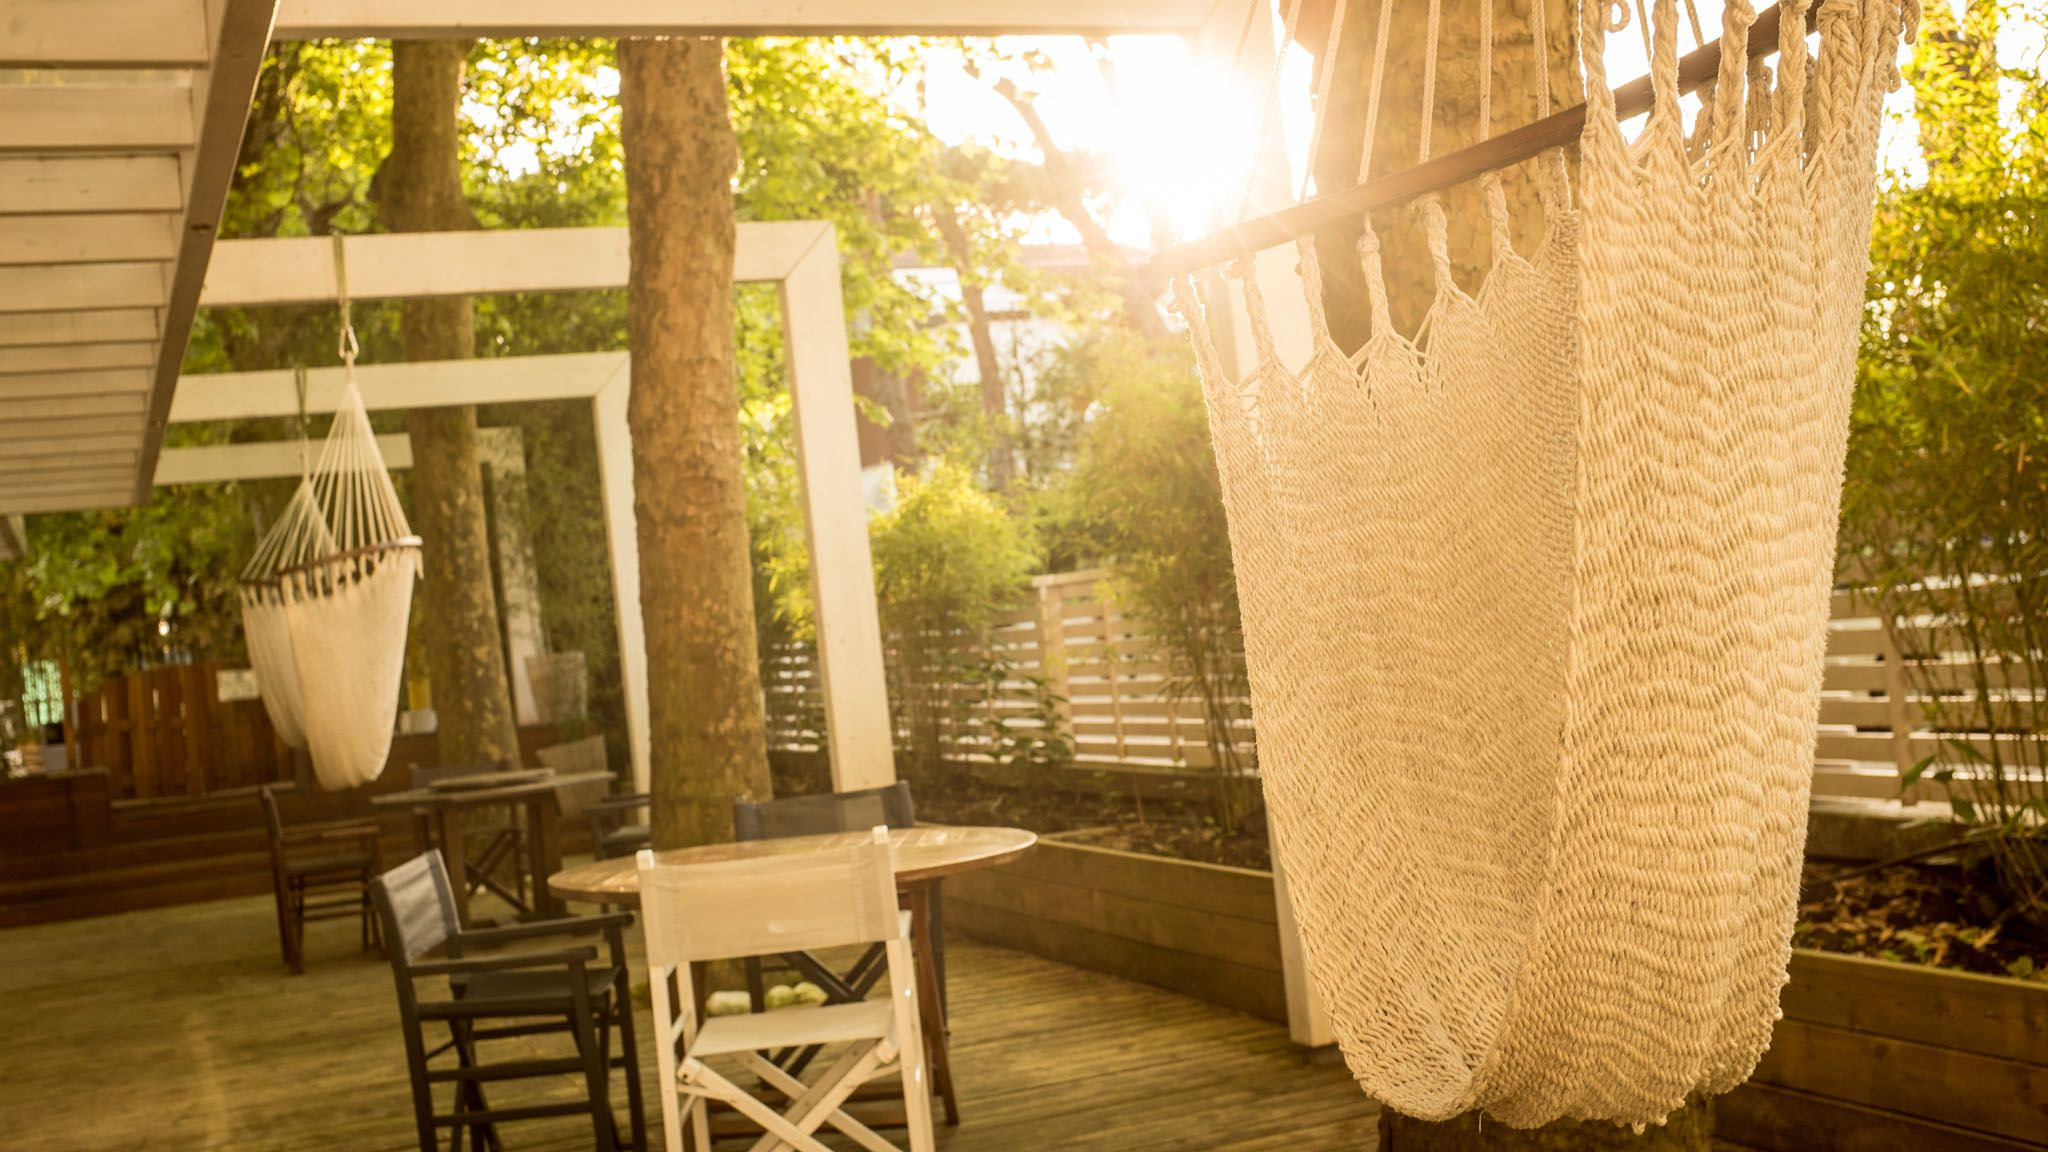 Amaca per rilassarsi nel gazebo Gazebo, Hotel e Luoghi